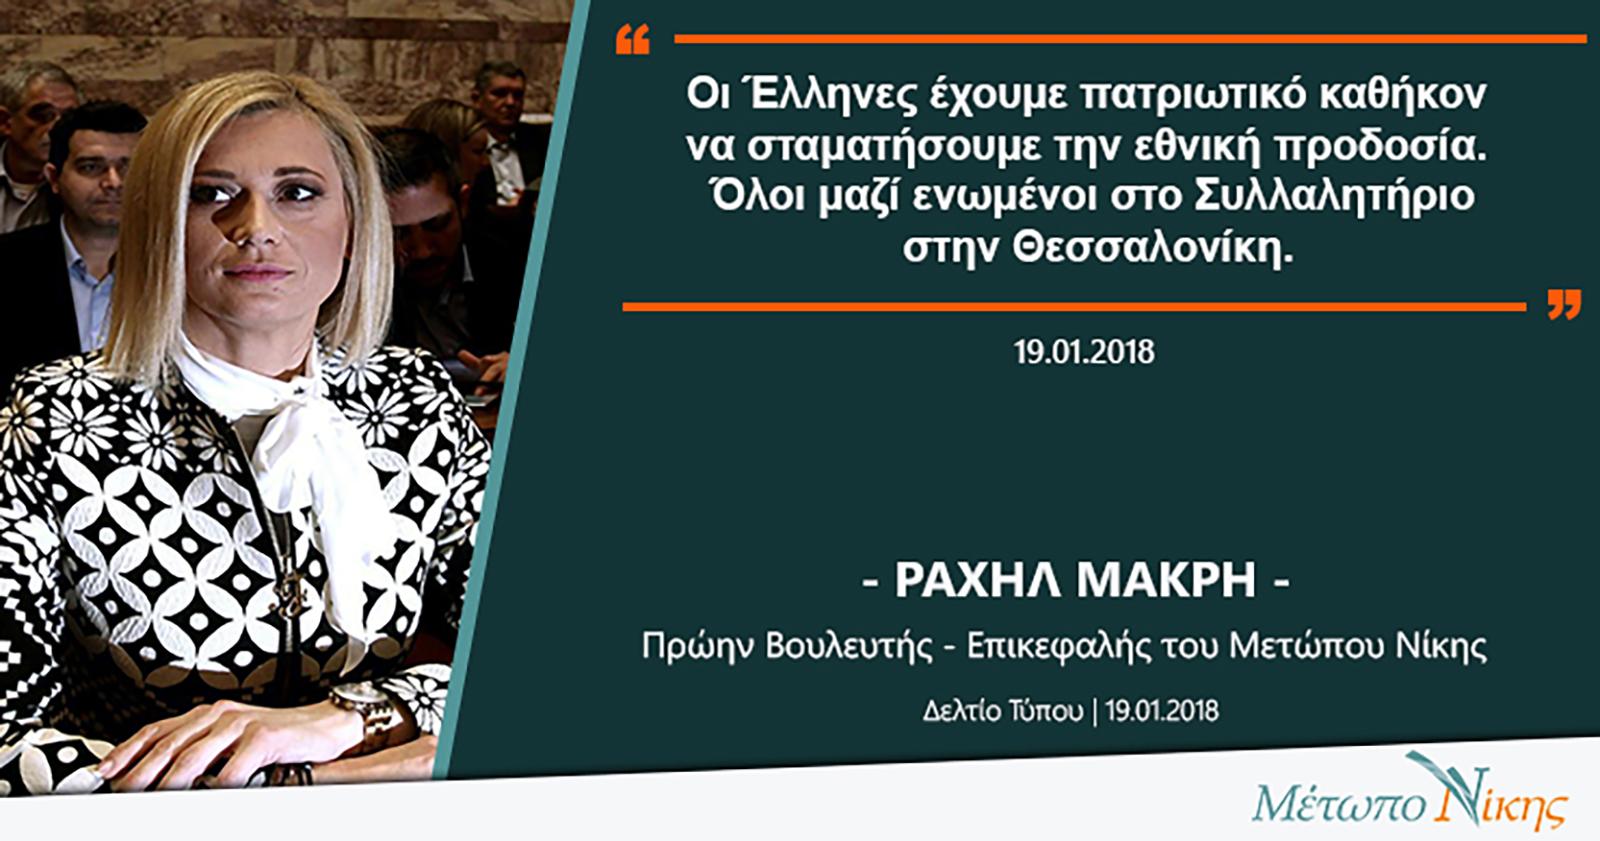 Ραχήλ Μακρή: «Οι Έλληνες έχουμε πατριωτικό καθήκον να σταματήσουμε την εθνική προδοσία. Όλοι μαζί ενωμένοι στο Συλλαλητήριο στην Θεσσαλονίκη»